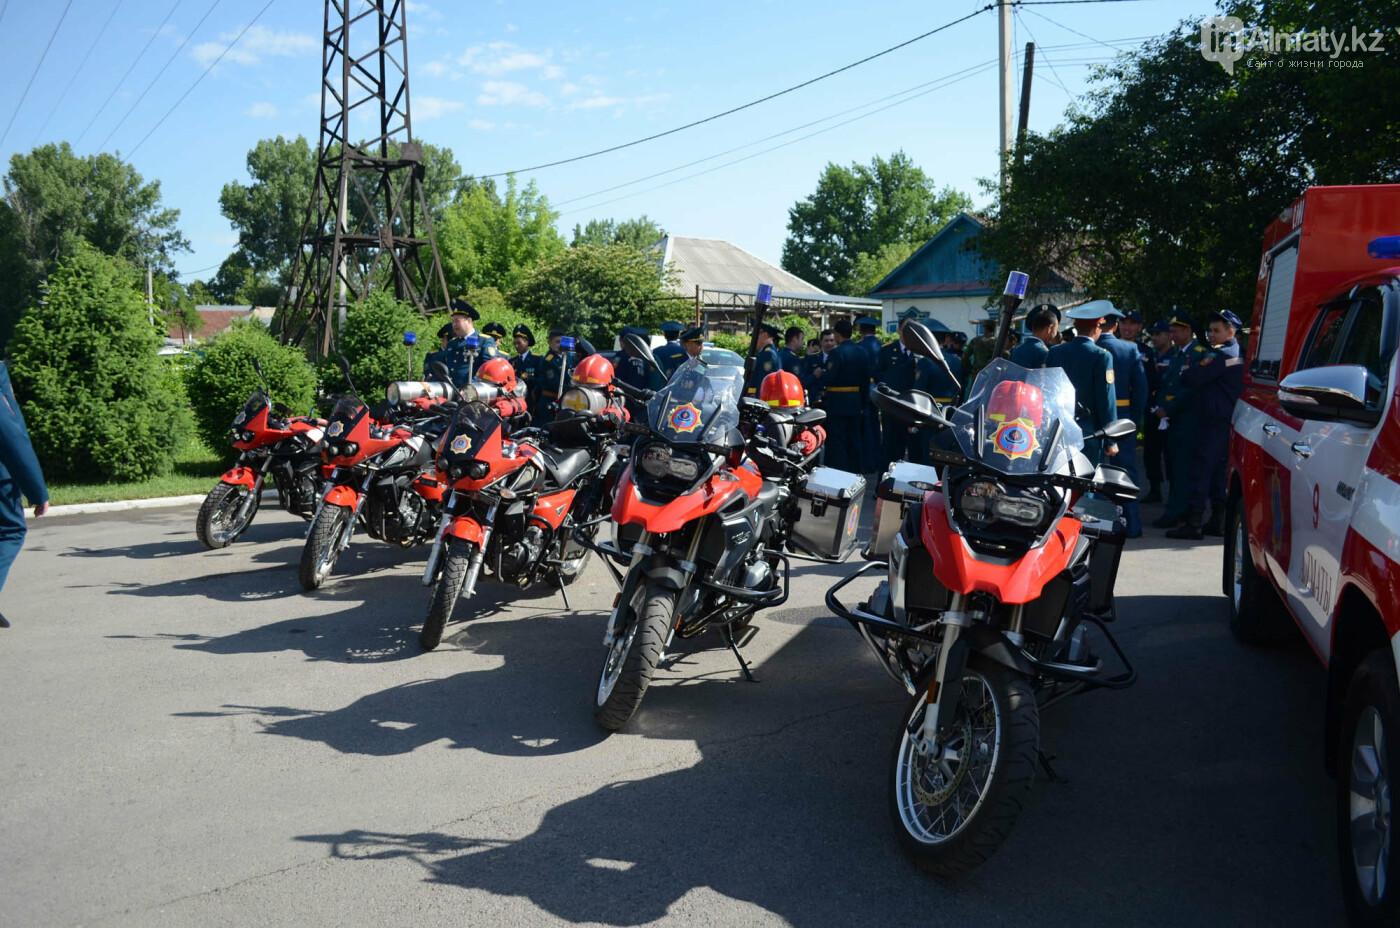 В Алматы почтили память пожарных героически погибших 30 лет назад , фото-3